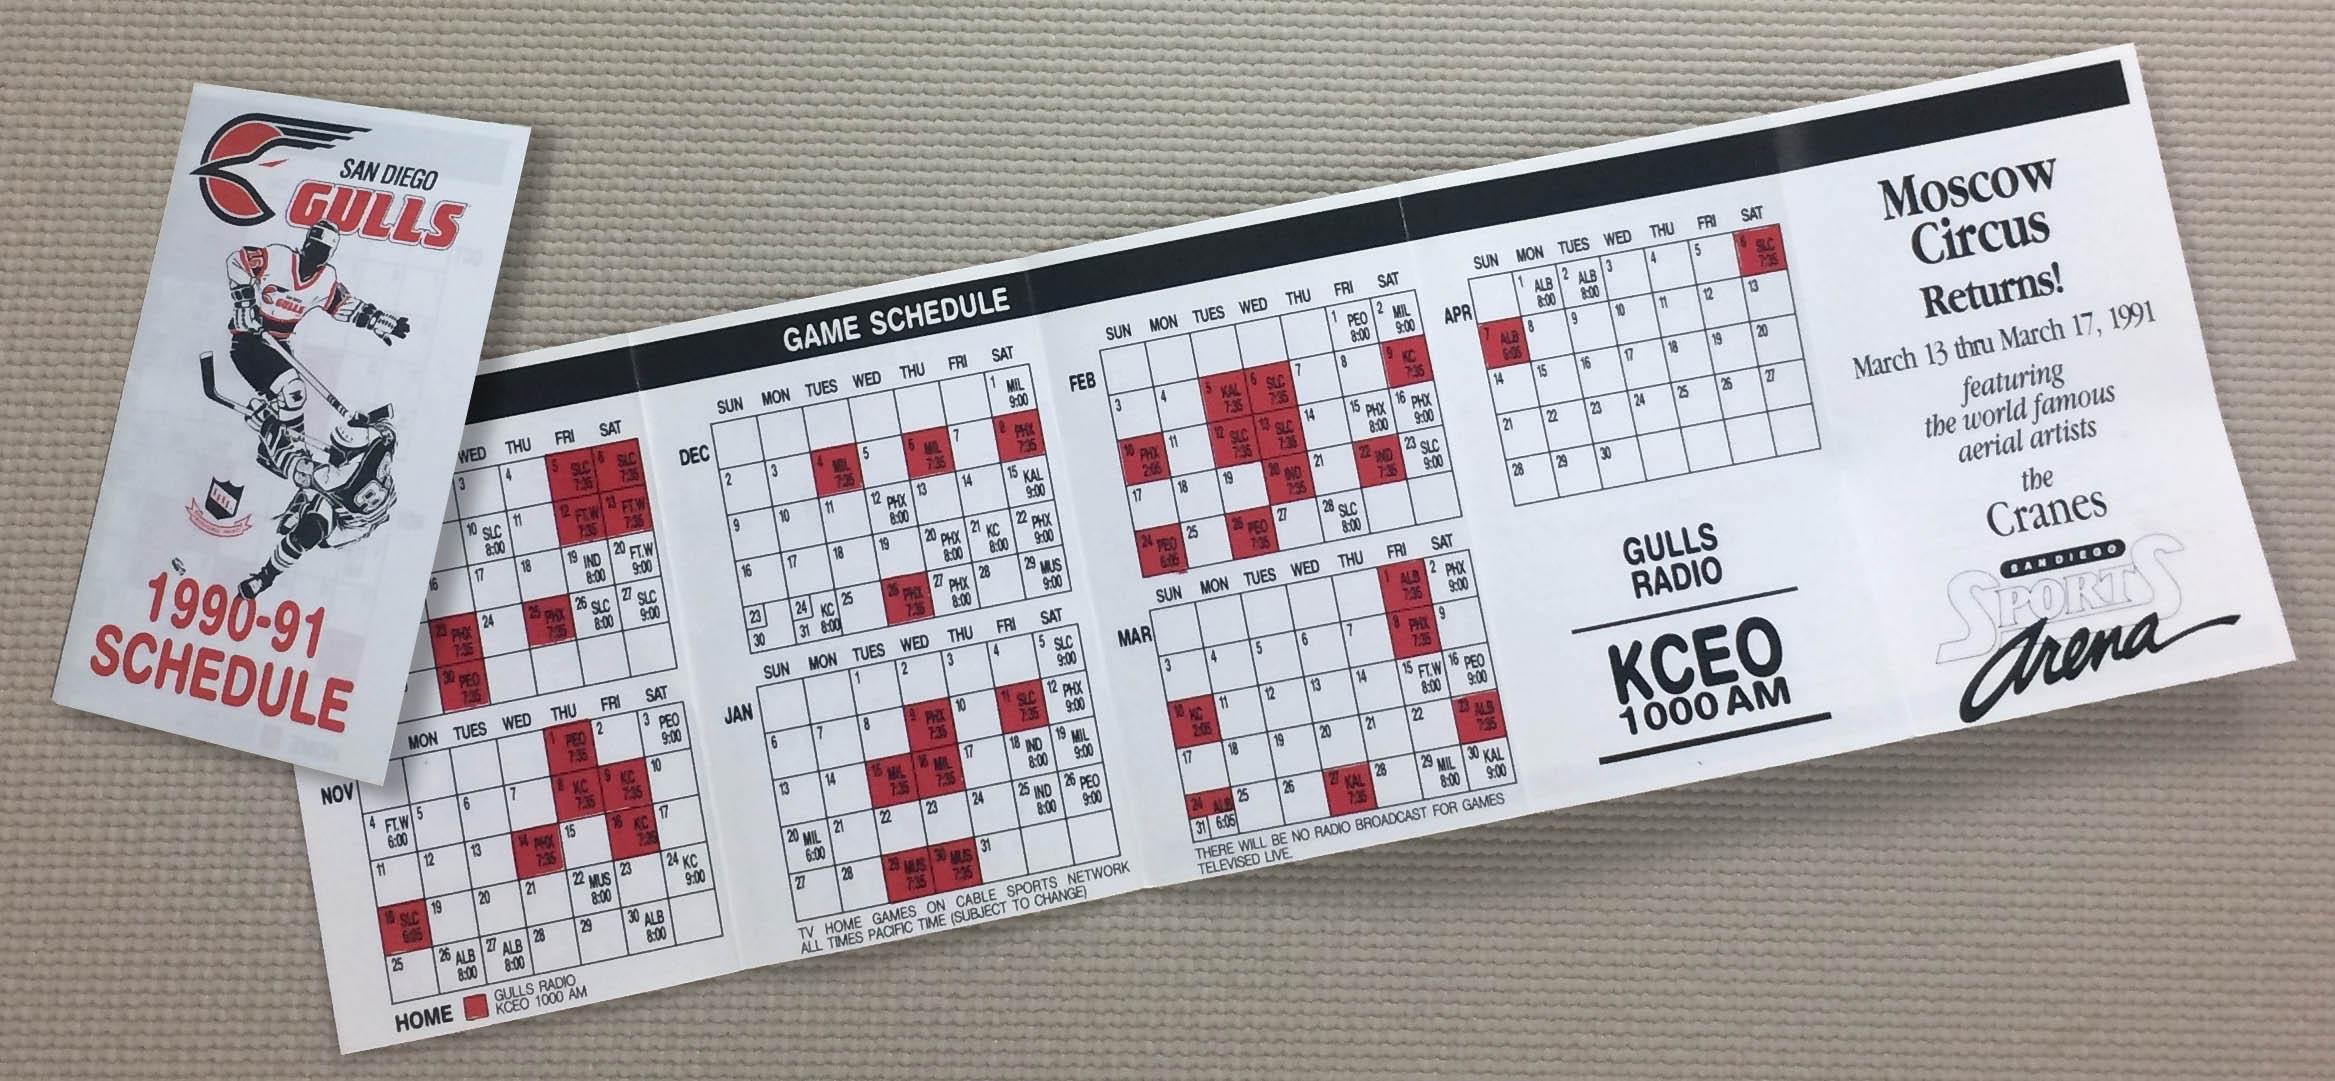 San Diego Gulls 1990-91 Schedule